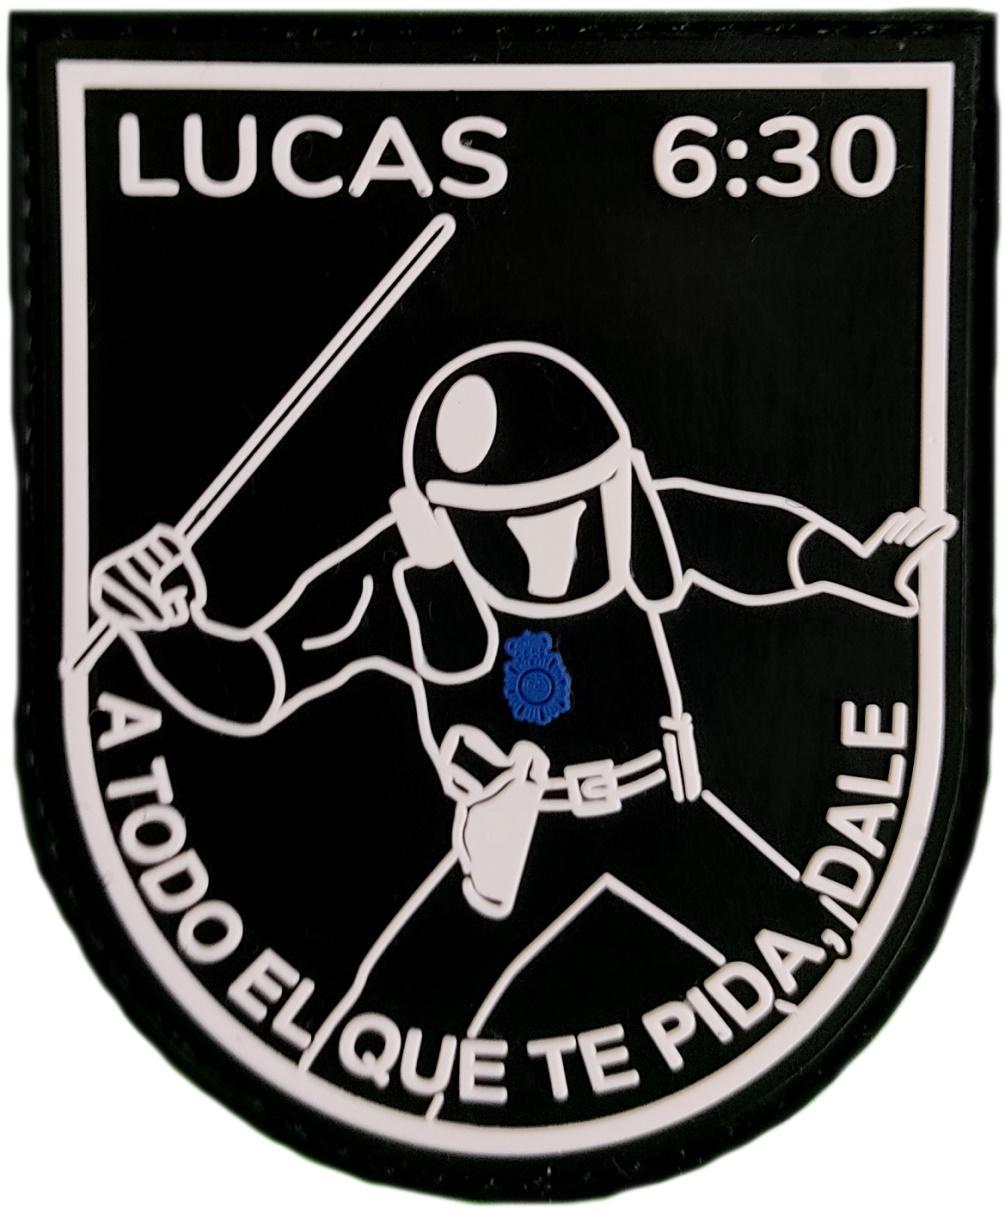 Policía Nacional CNP Lucas 6:30 a todo el que te pida, dale parche insignia emblema distintivo